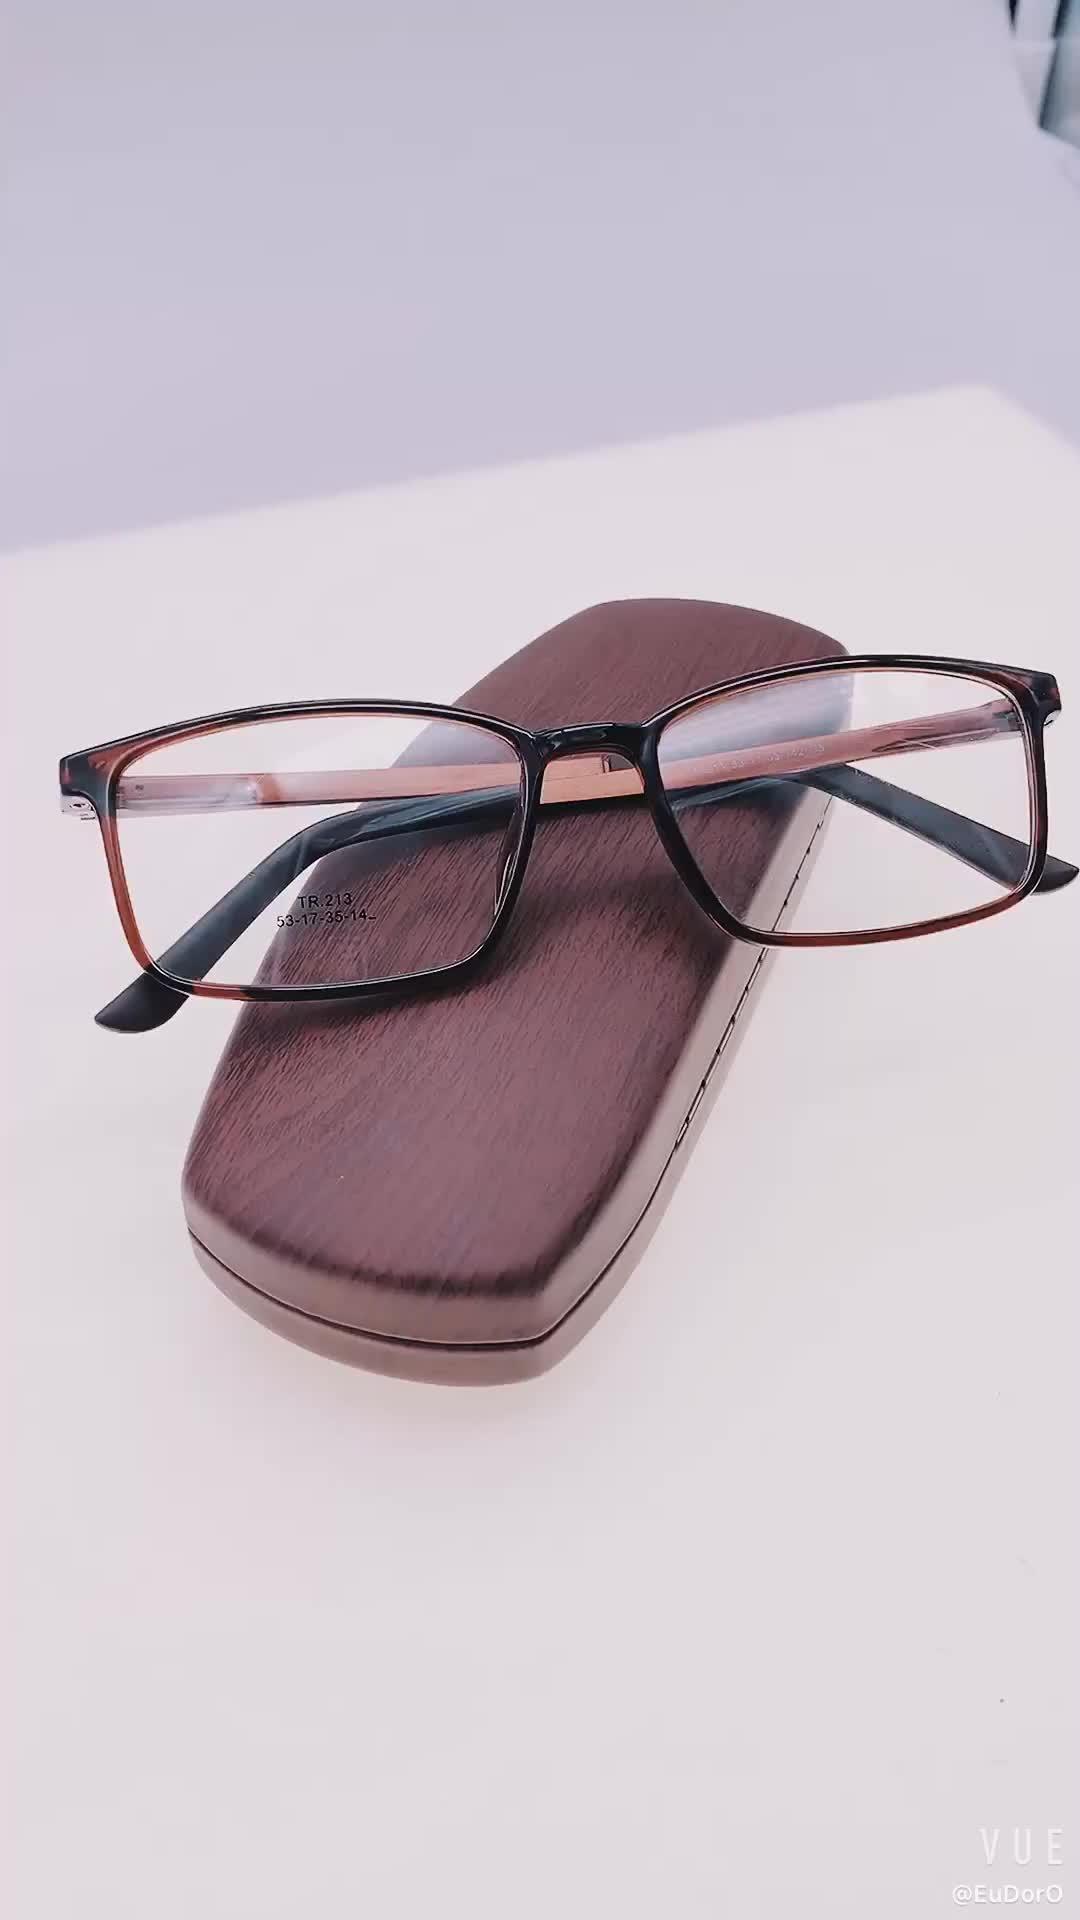 Yeni Tasarım 2019 Üretici Moda Gözlük Çerçeve Gözlük Tr90 gözlük çerçeveleri Erkekler Için